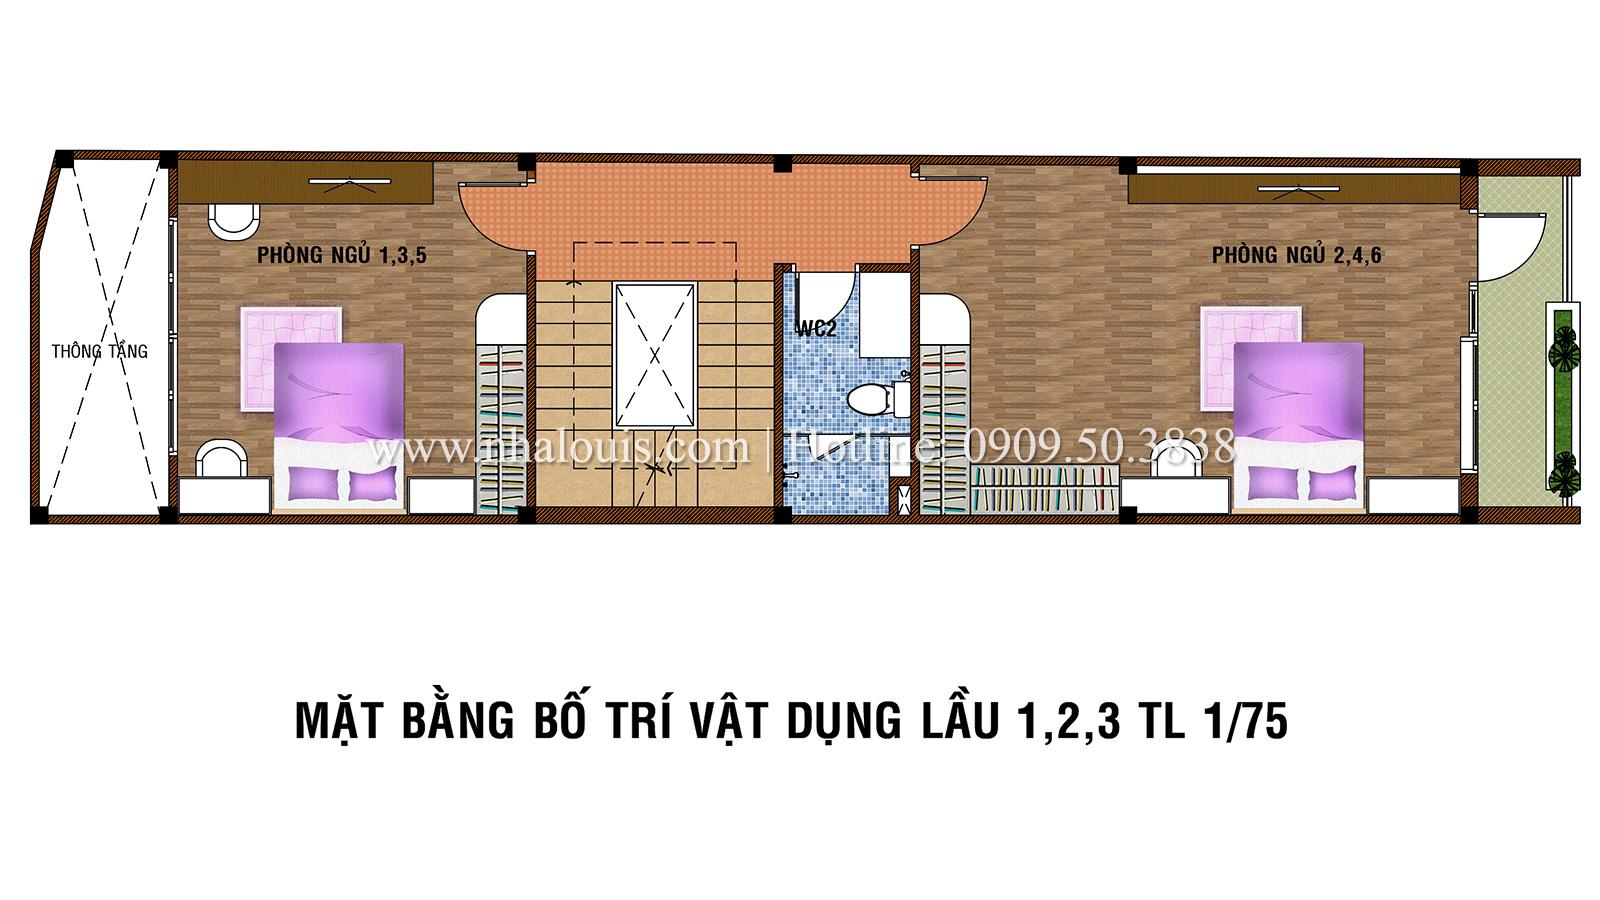 Tư vấn thiết kế nhà phố hiện đại 5 tầng sang chảnh tại quận Tân Phú - 04